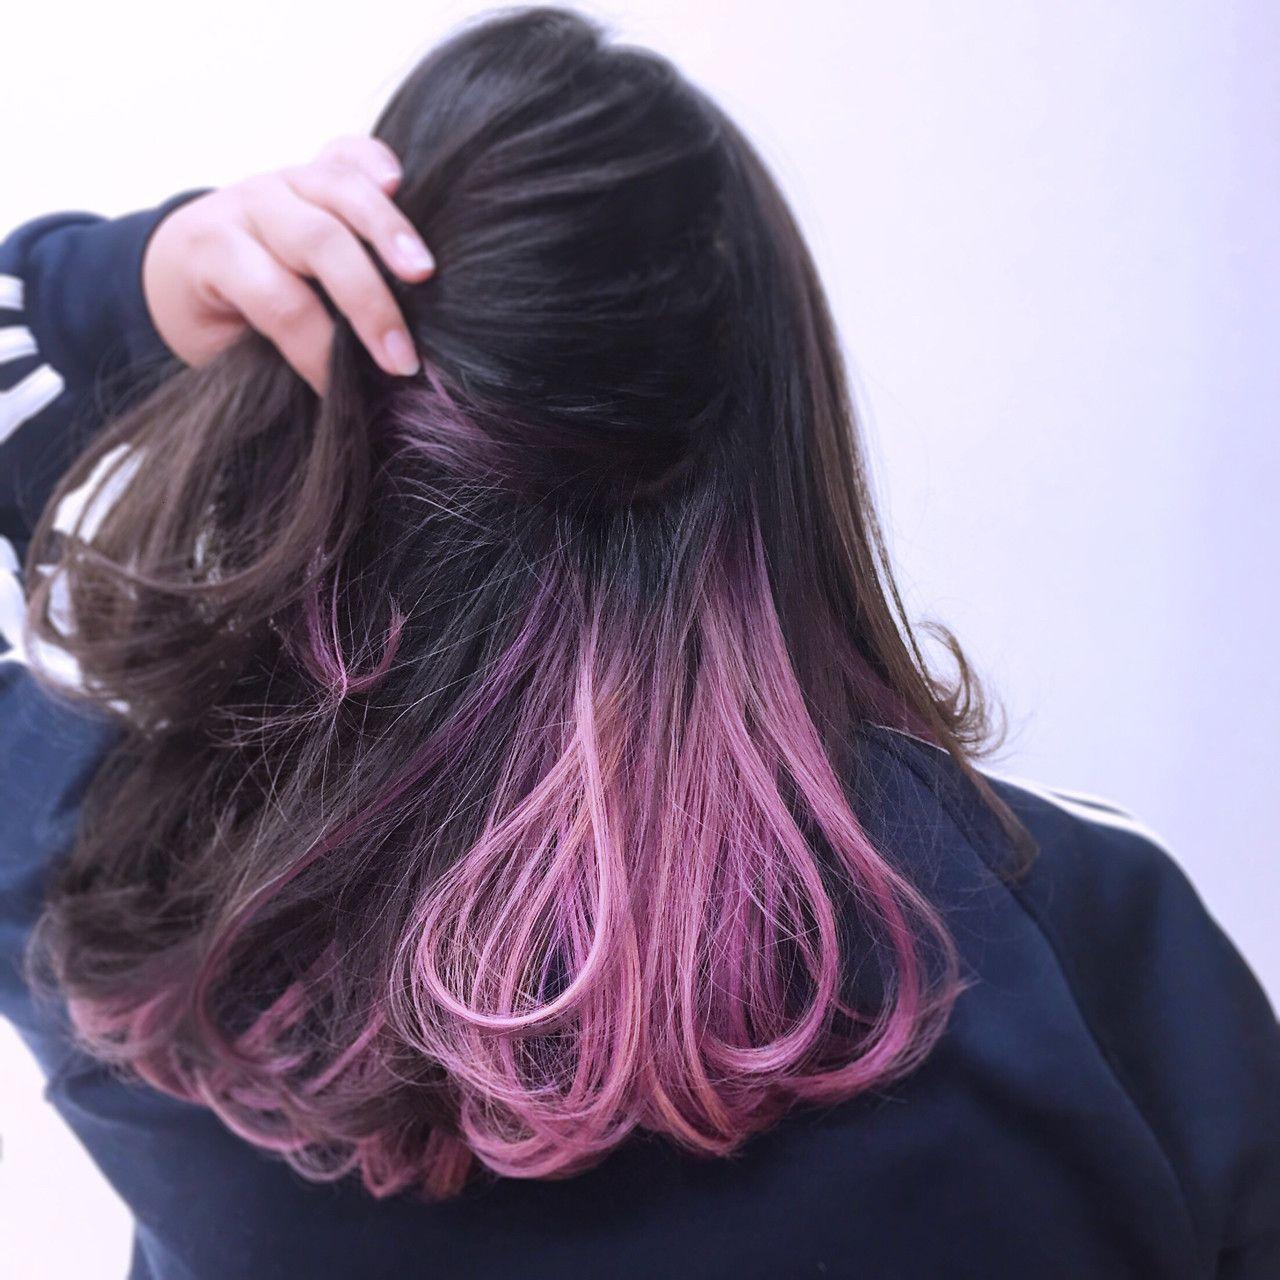 パープル ピンク ヴァイオレットのハーモニーミクスインナーカラー 髪 カラー 髪 色 ヘアスタイリング